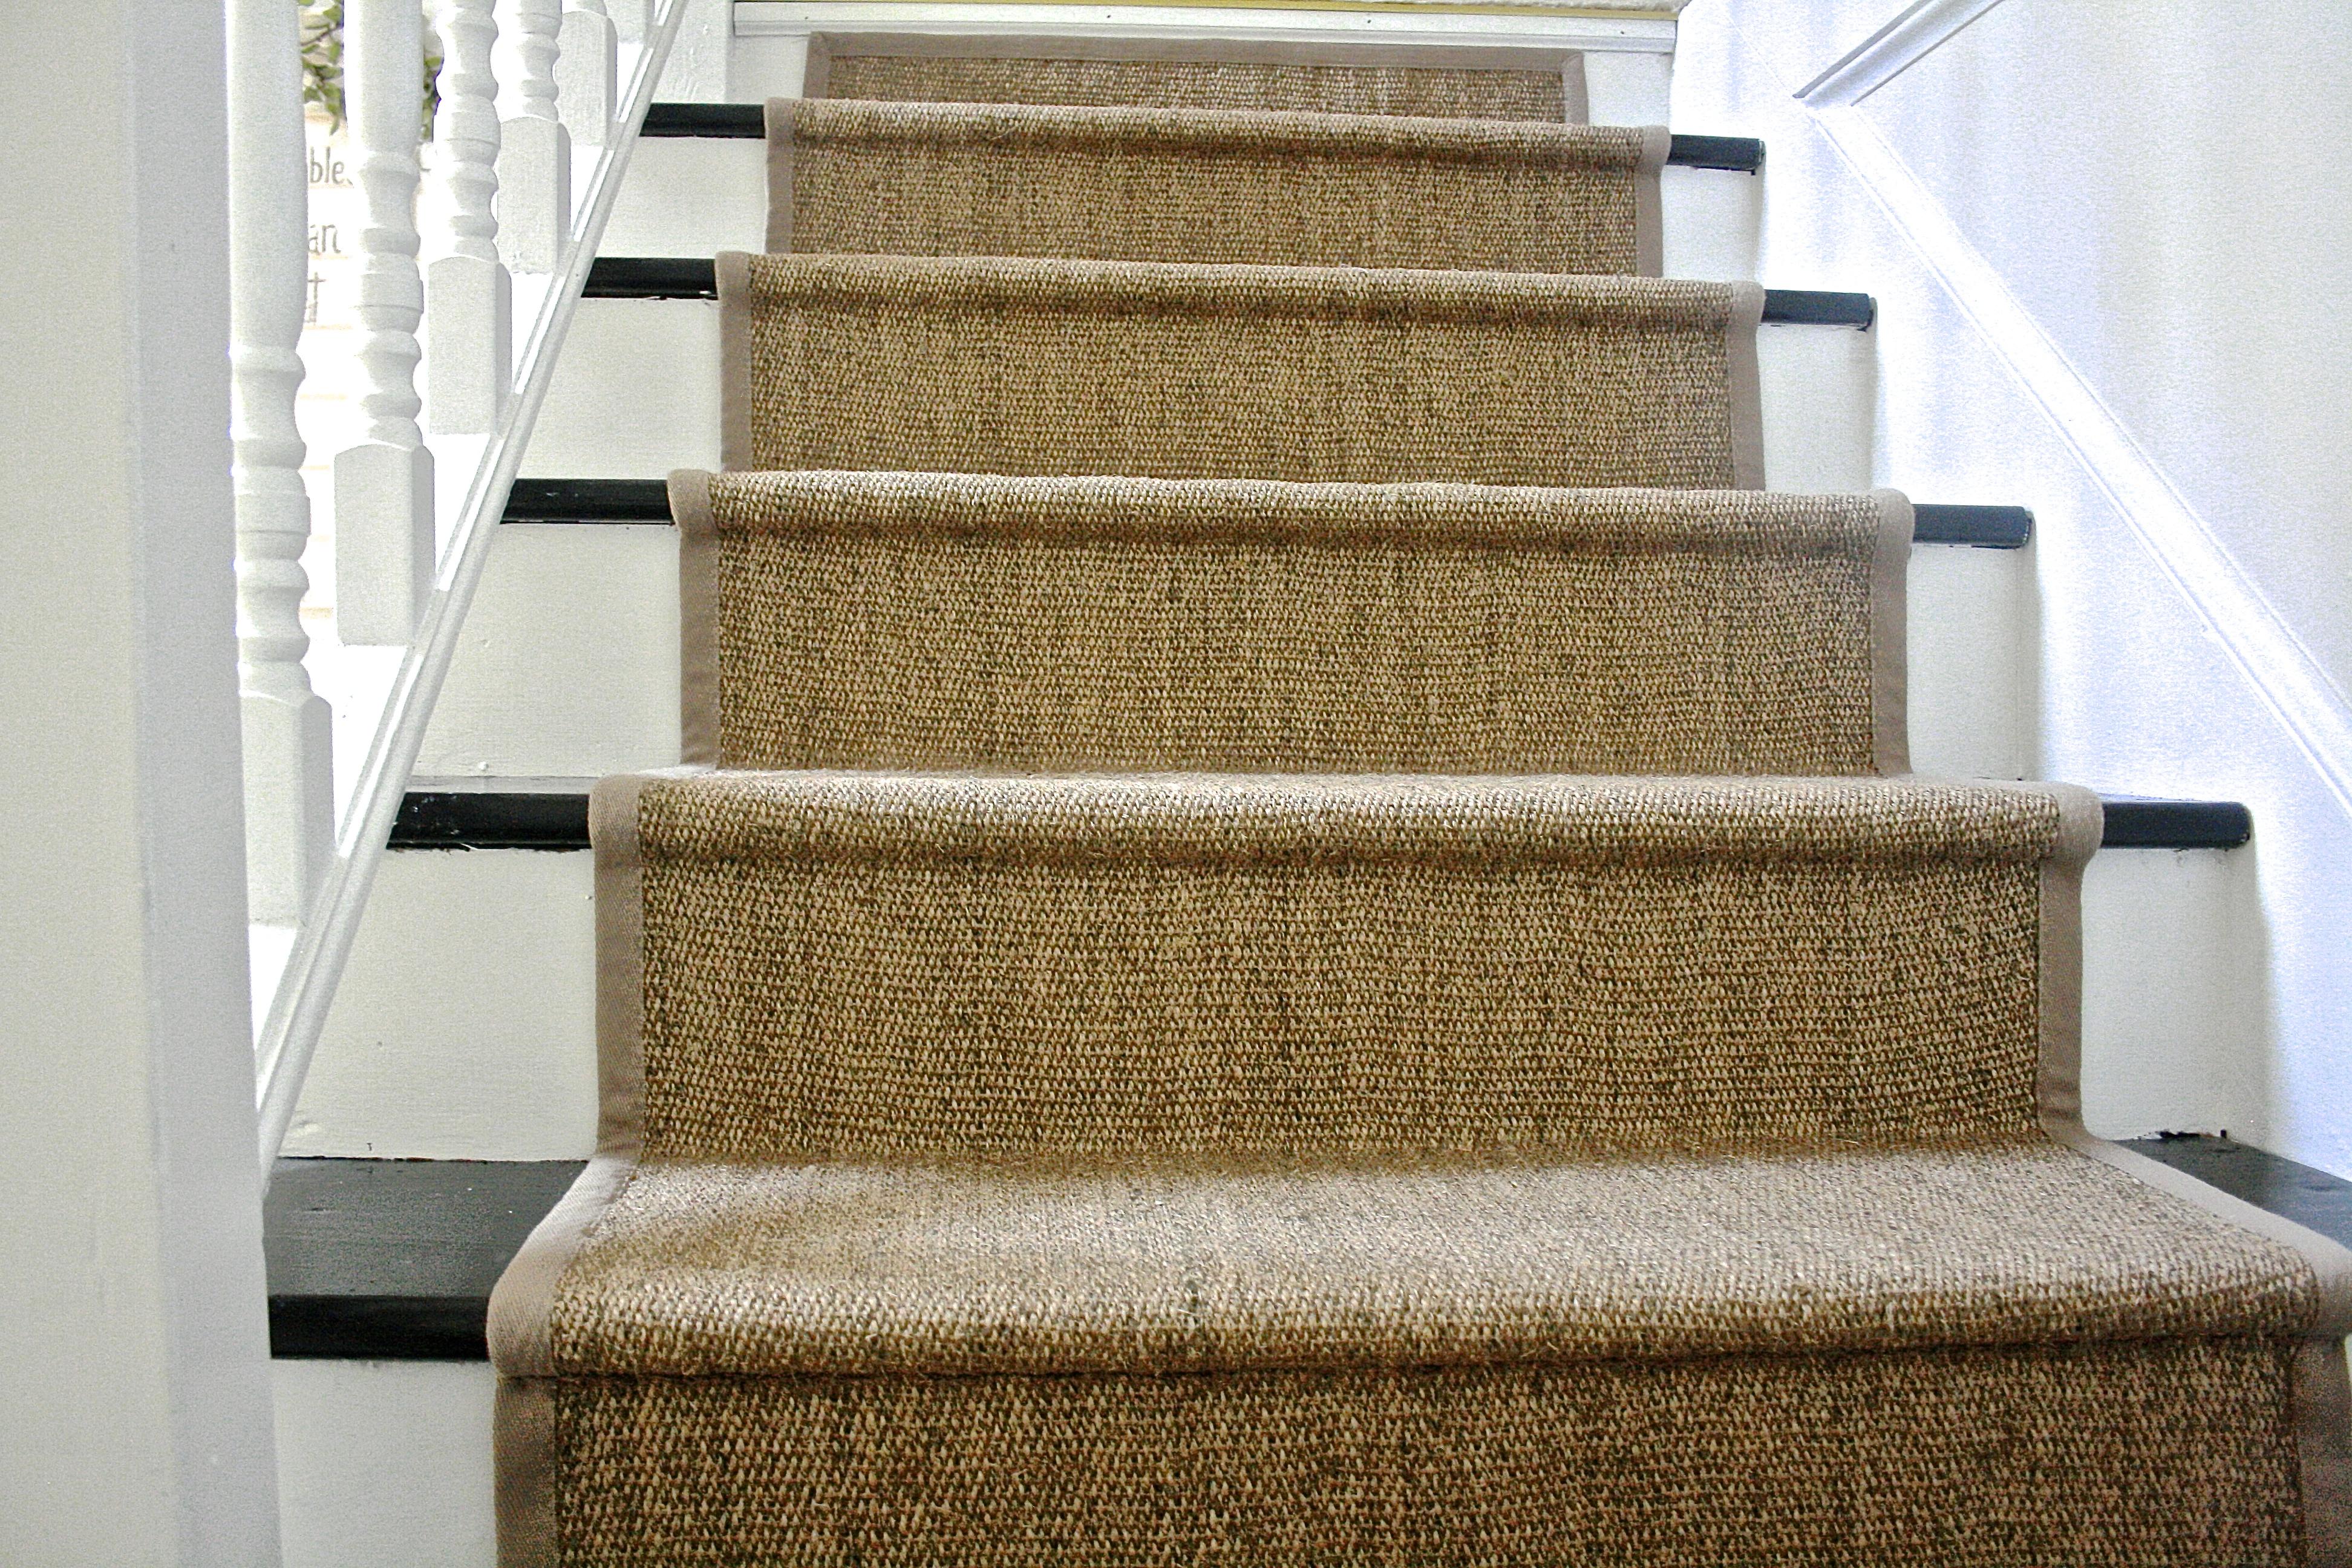 carpet runners diy ikea jute rug stair runner UDHZUWG